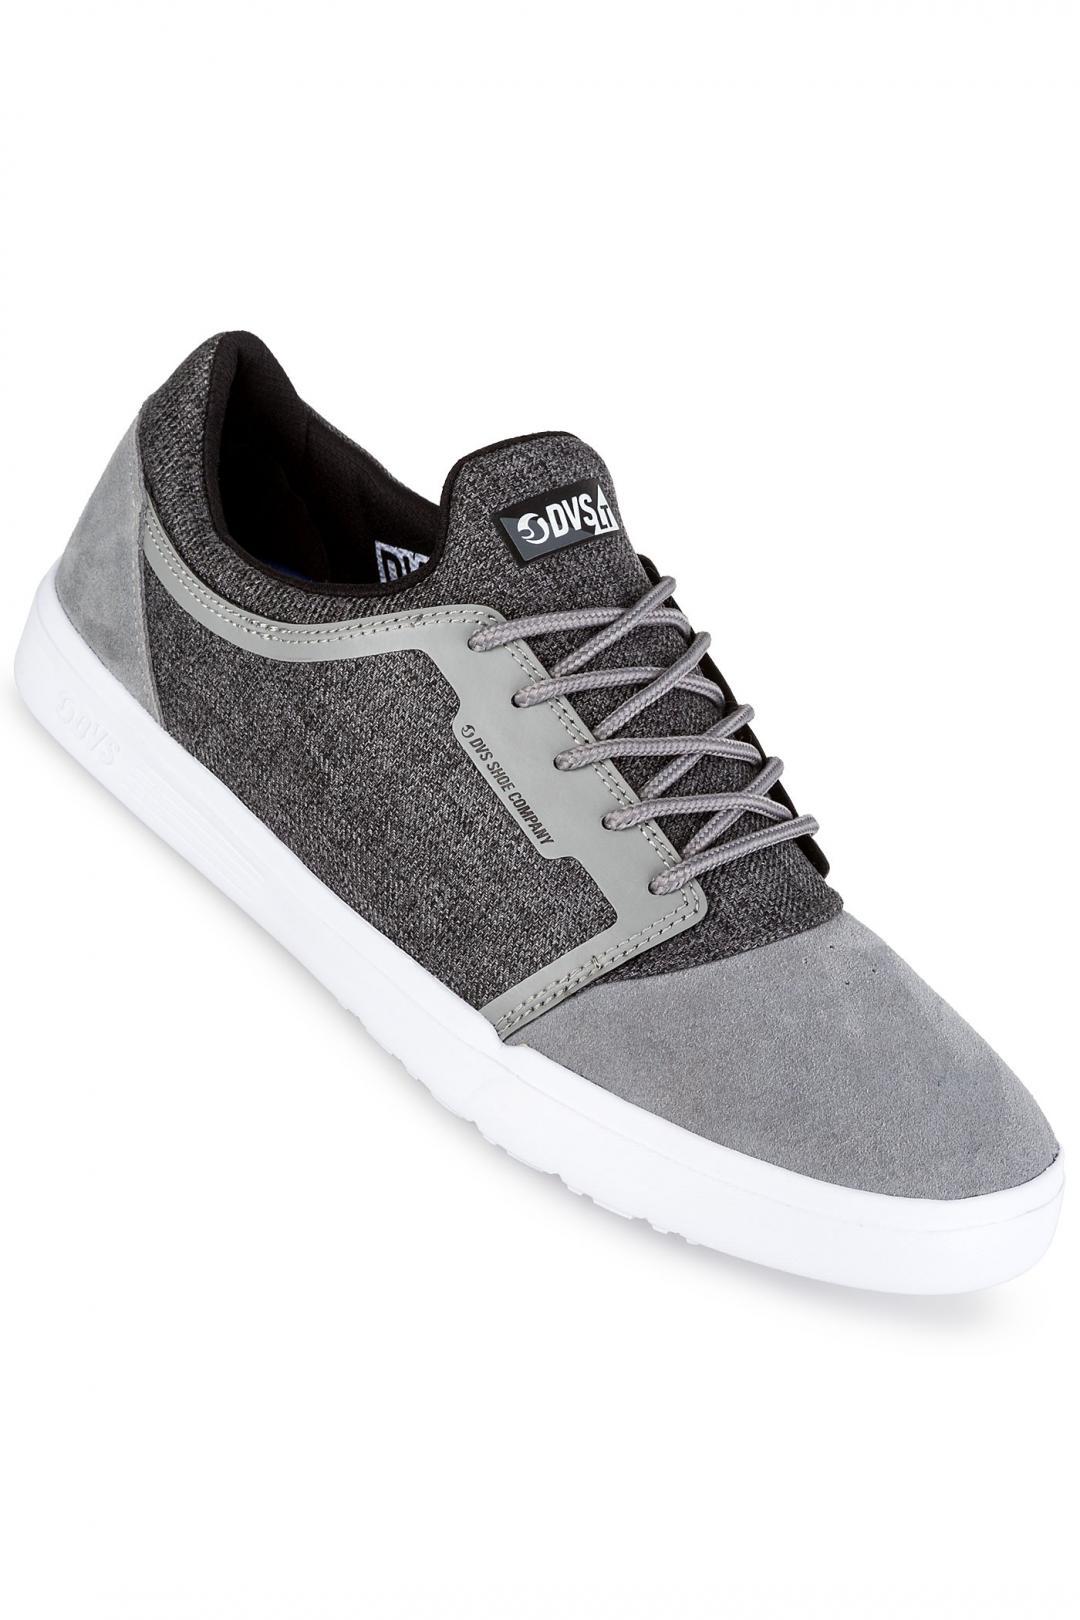 Uomo DVS Stratos LT Suede grey   Sneaker